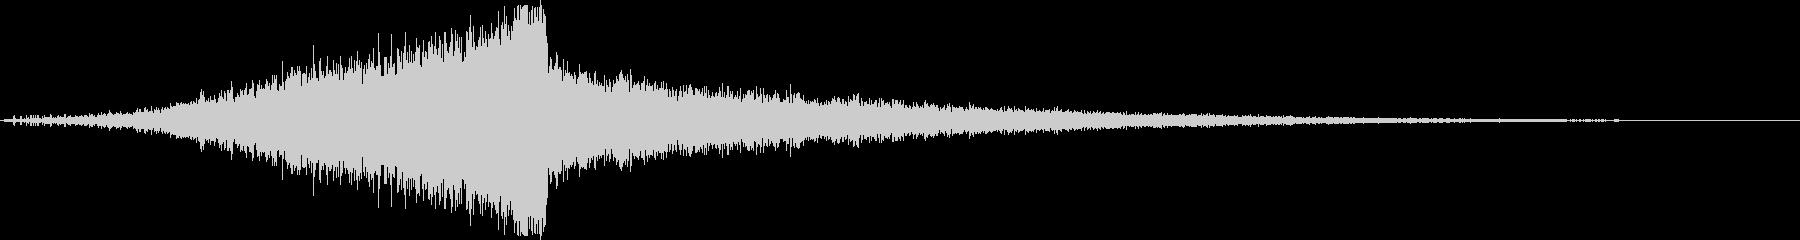 【タイトル】ダークシンセサウンド_07の未再生の波形